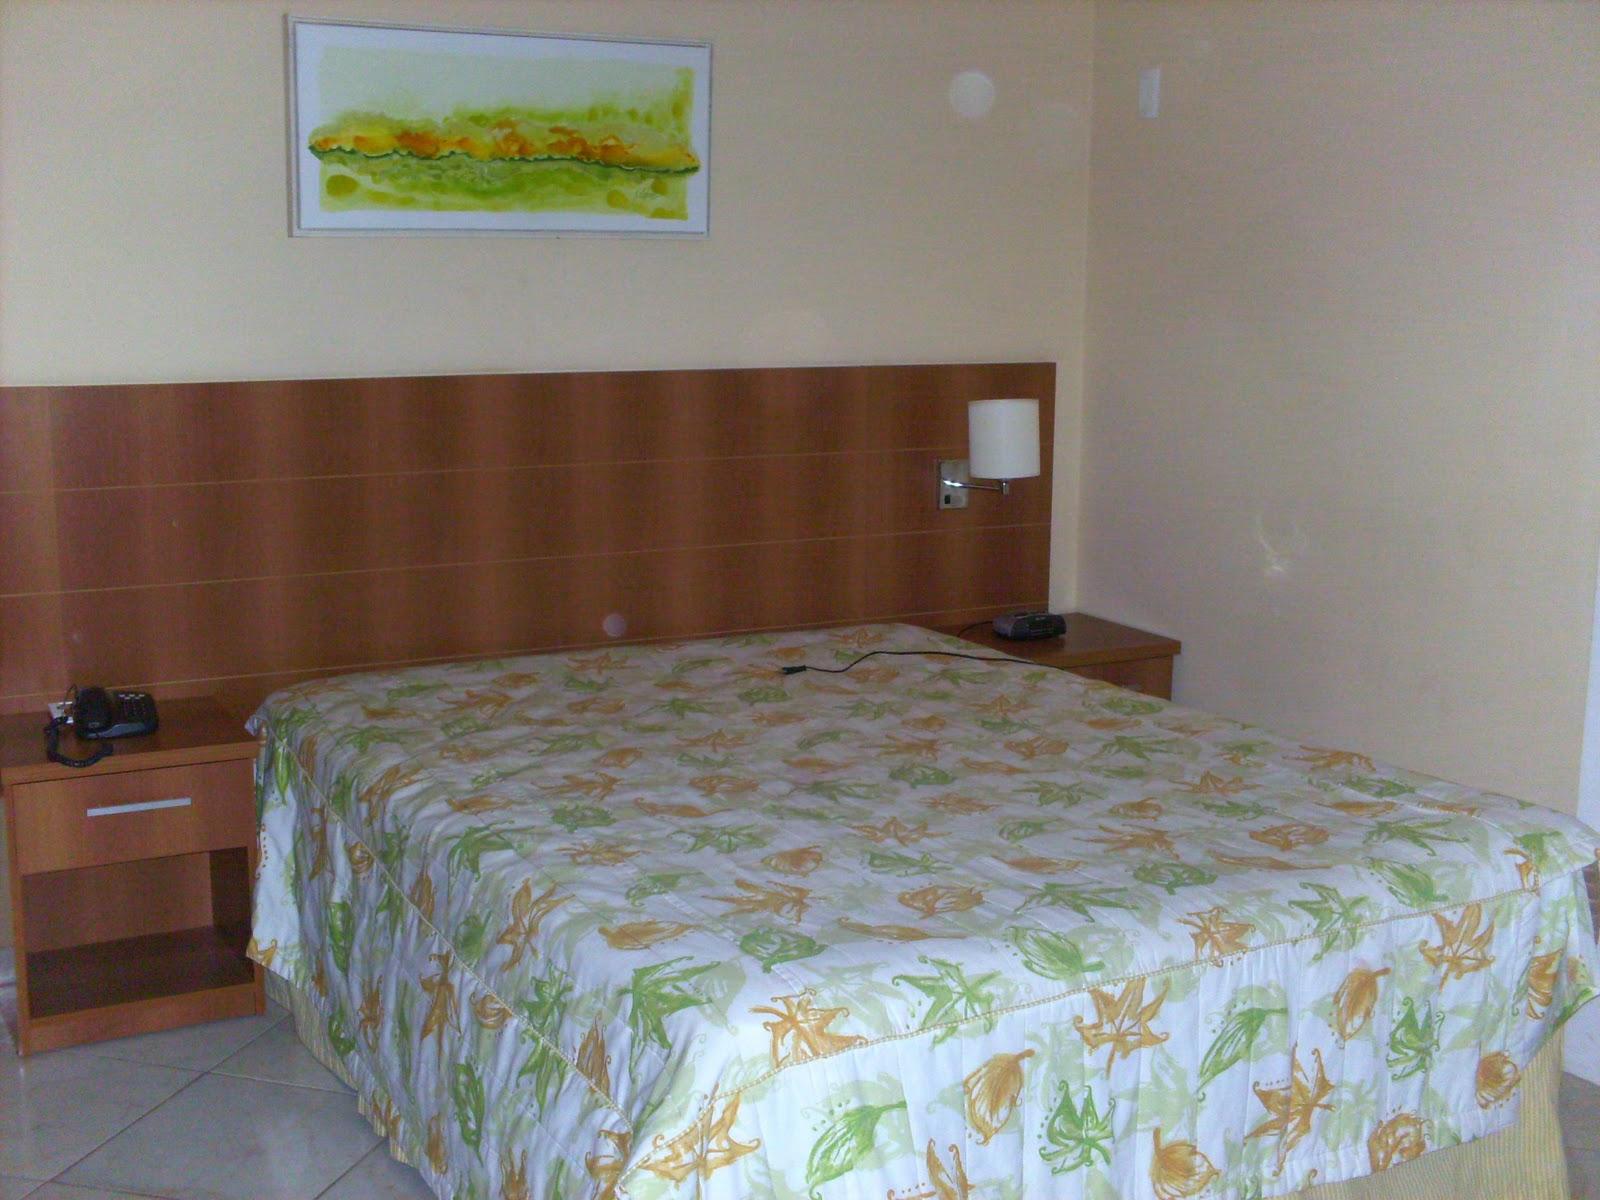 cama de casal banheiro com hidro massagem ante sala com sofá e tv #492F1F 1600x1200 Banheiro Casal Com Hidro